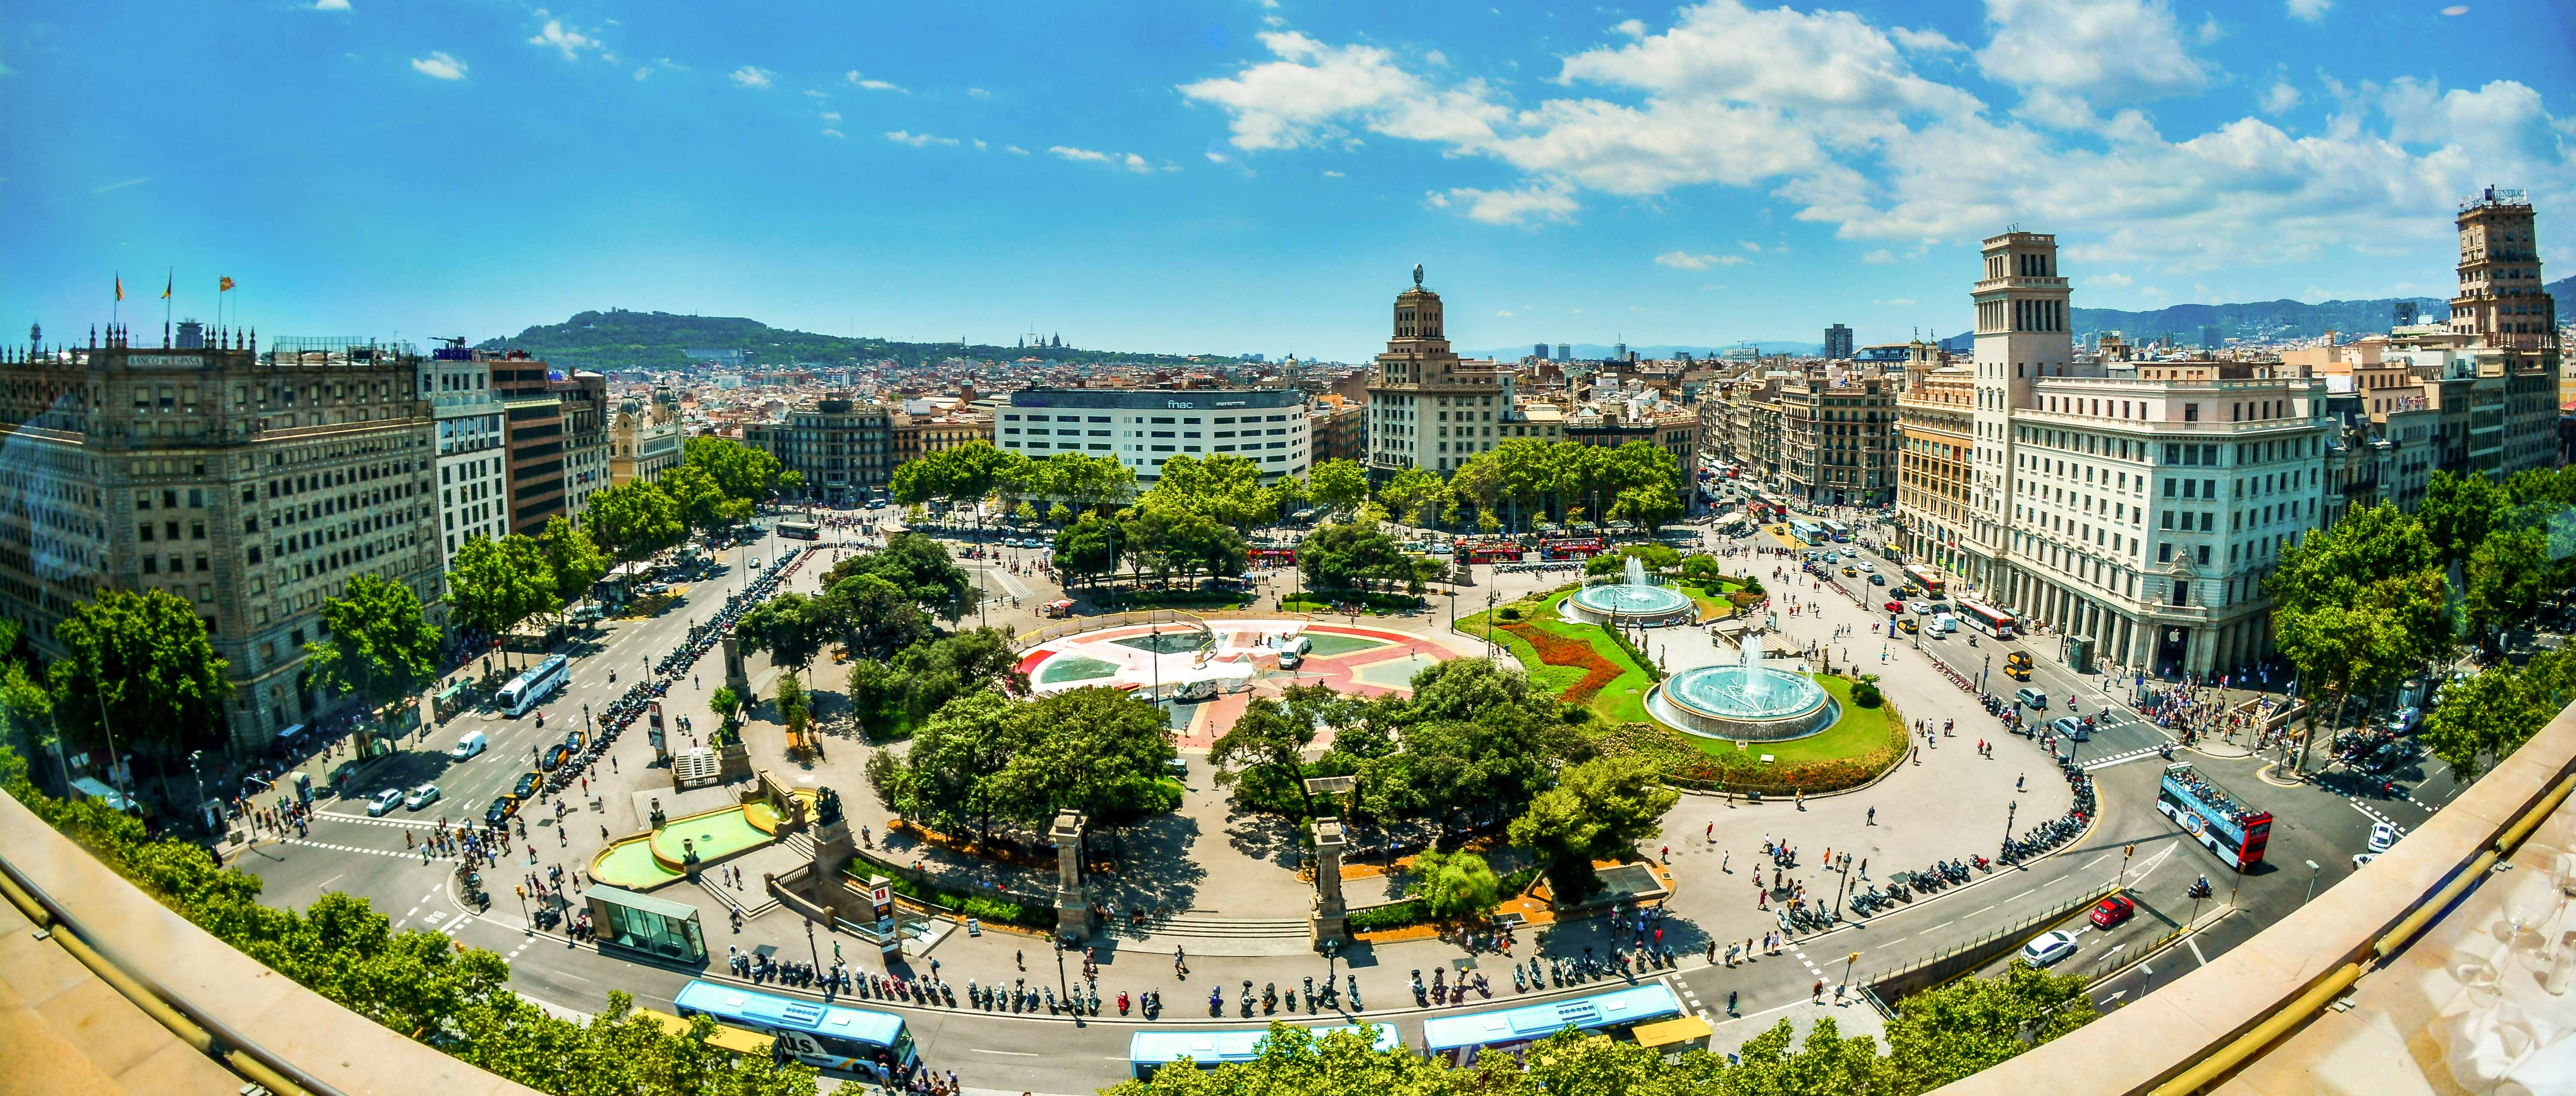 Plaça Catalunya-Icietlabas-blog-voyage-espagne